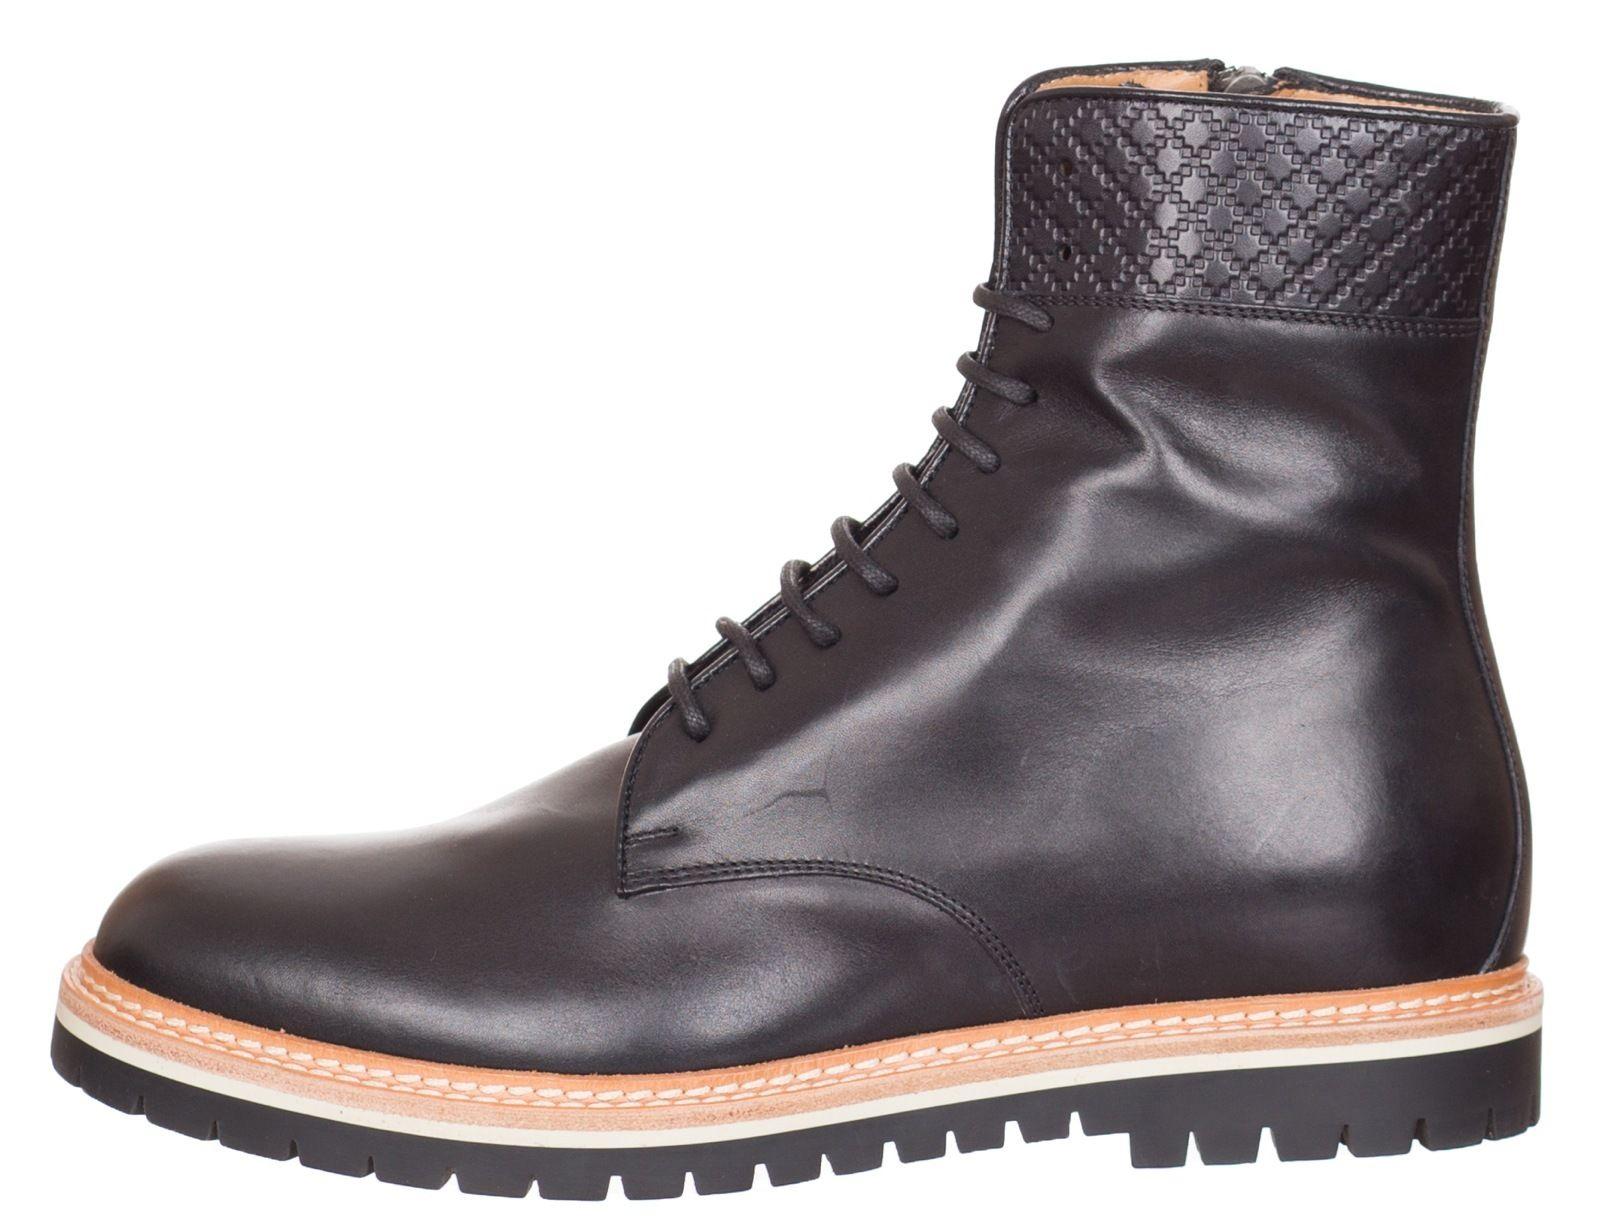 84e40c9b561  880 Gucci Black Leather Lace-up Zipper Ankle Boots Shoes US 8 EU ...